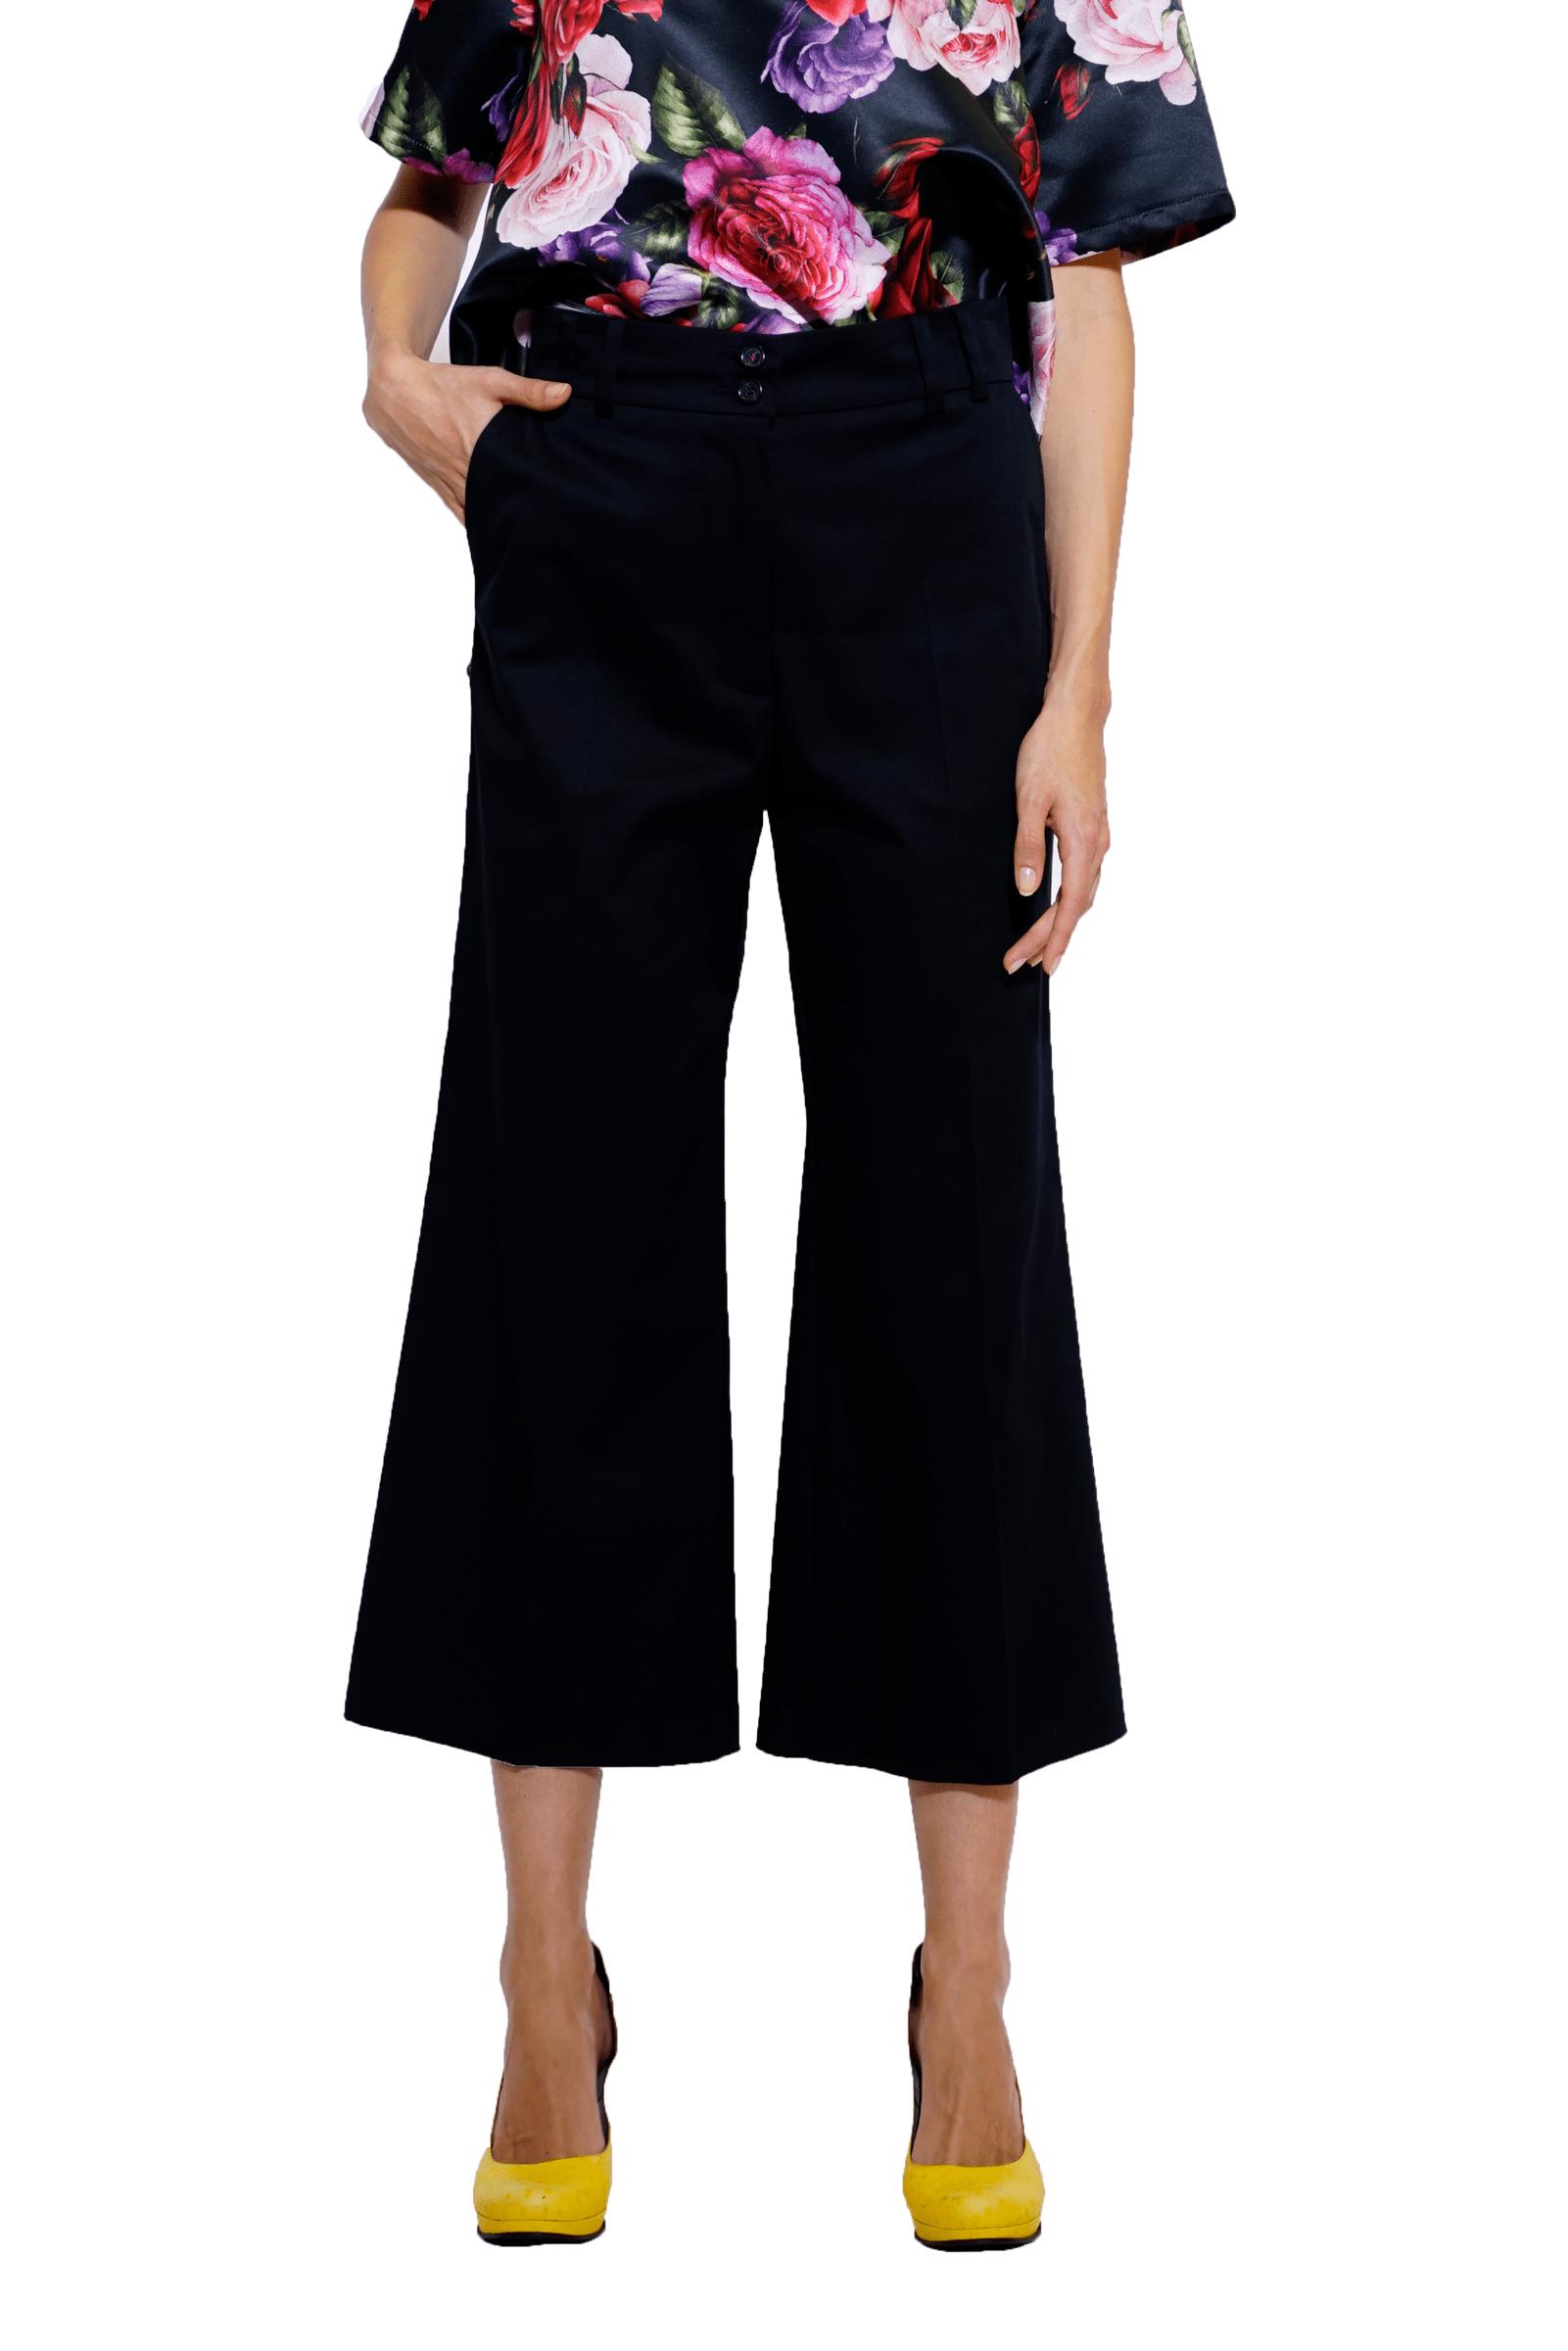 Pantaloni negri largi